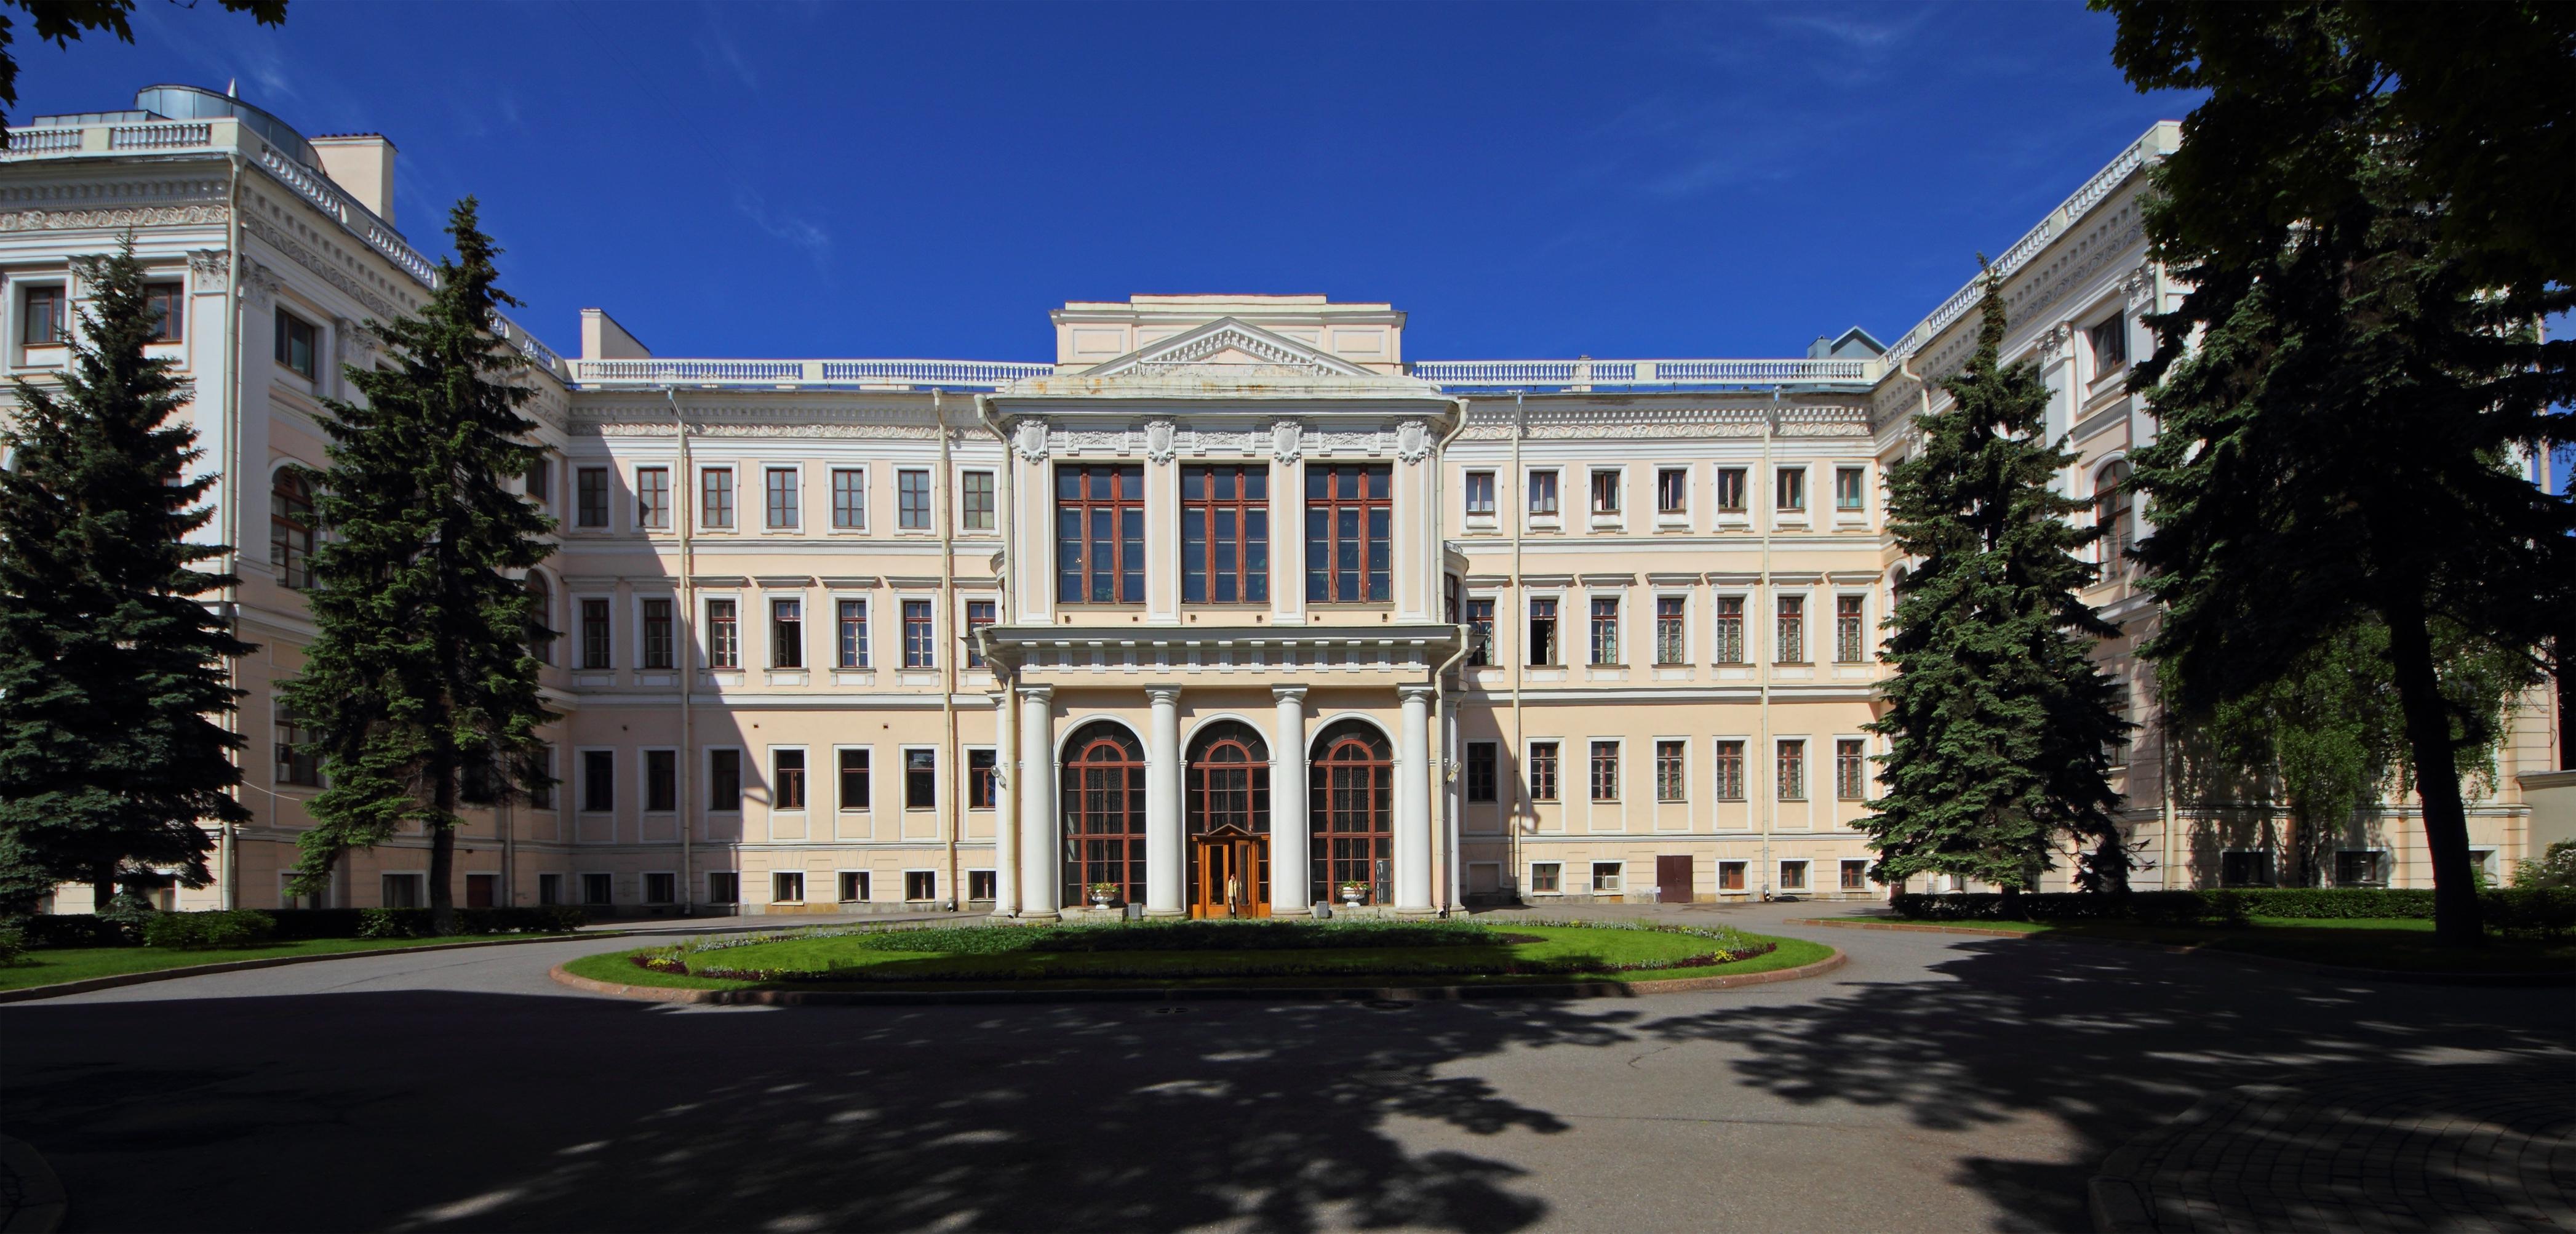 Аничков дворец (МПБД)